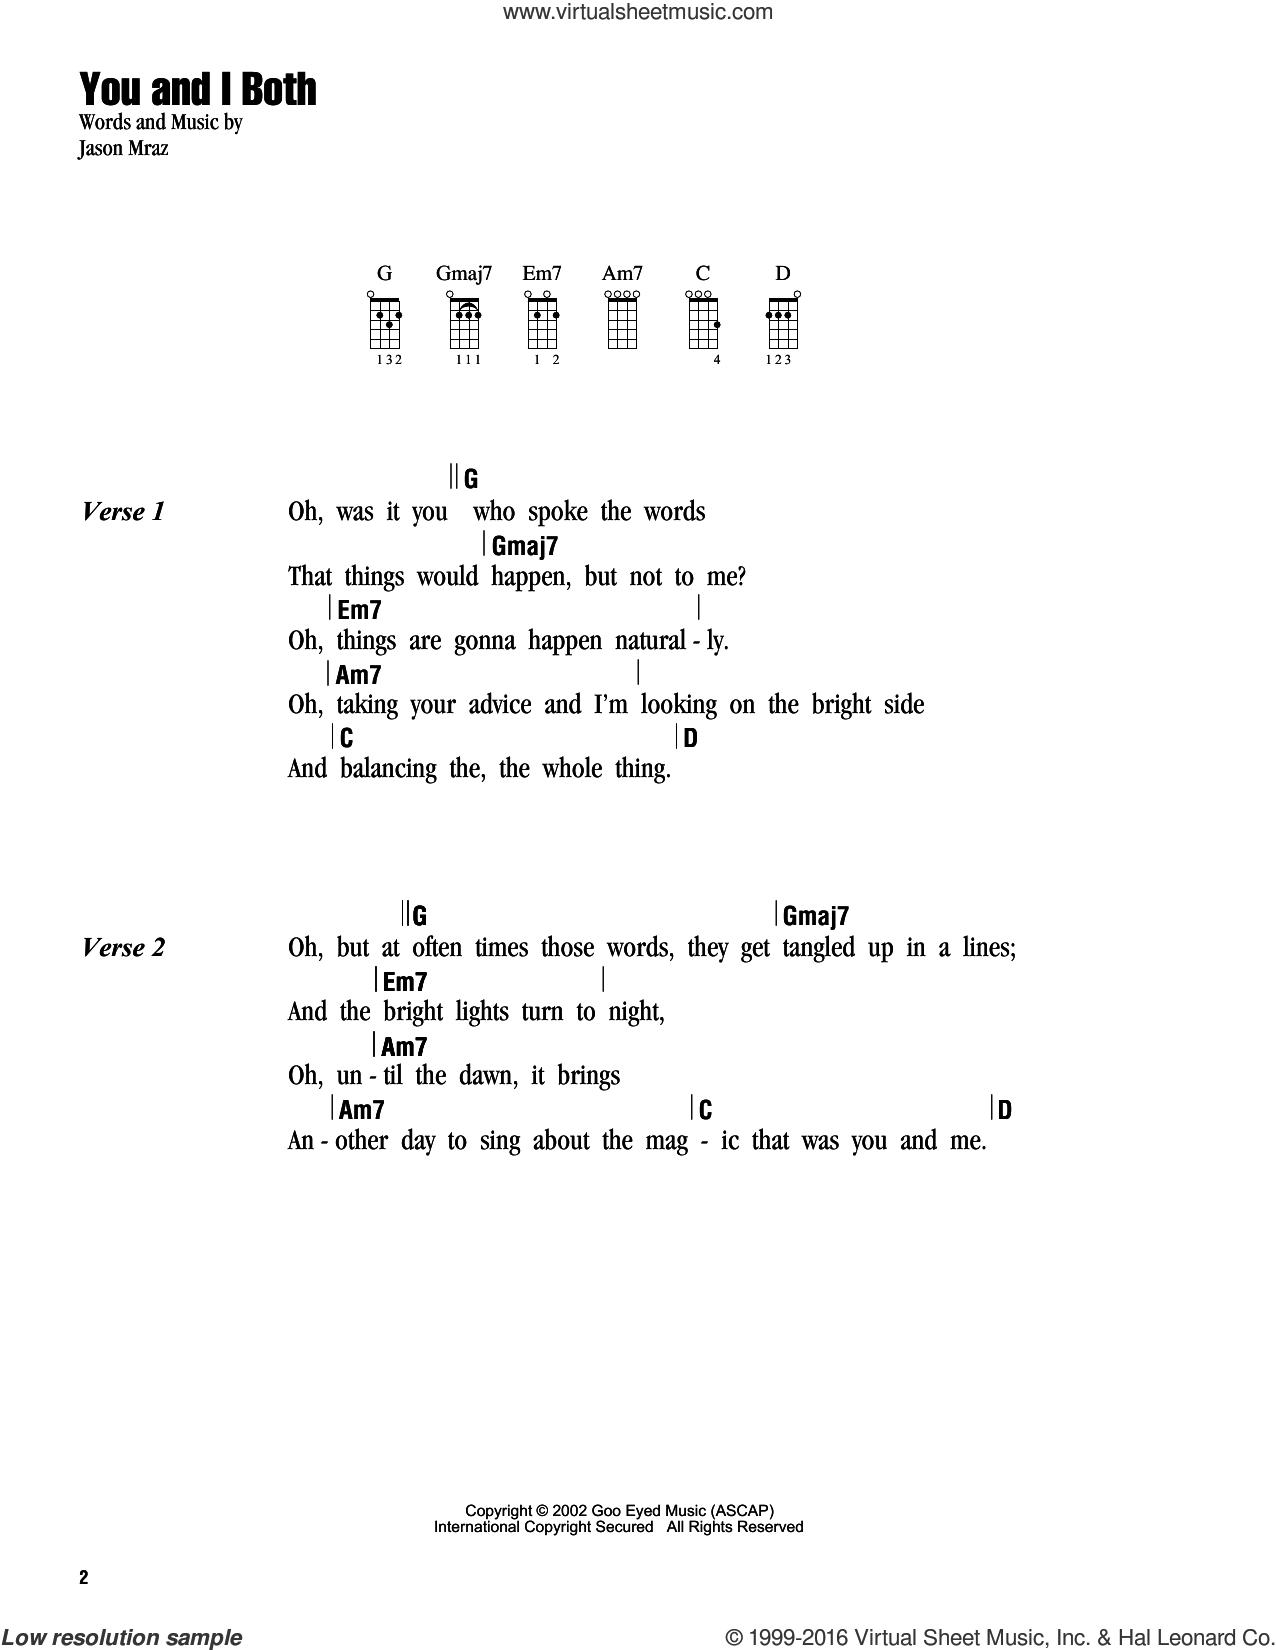 You and I Both sheet music for ukulele (chords) by Jason Mraz, intermediate skill level